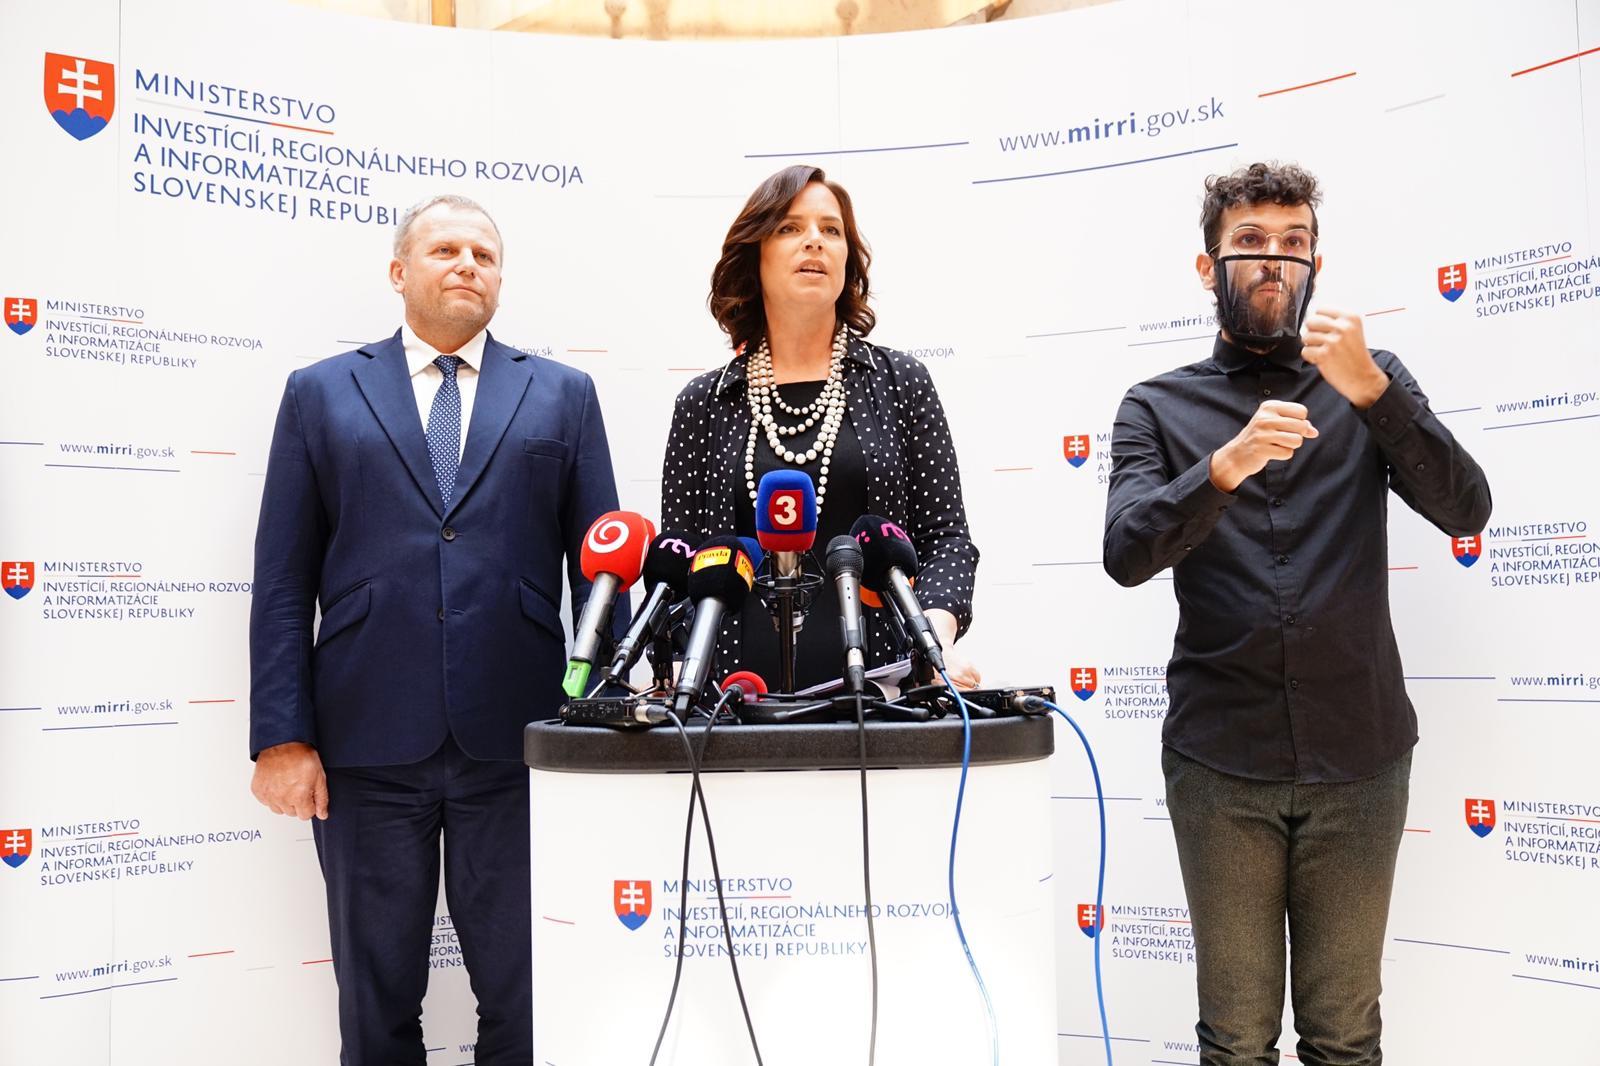 Vicepremiérka Remišová: 1,1 milióna eur na pomoc mimovládnym organizáciám v boji s COVID–19